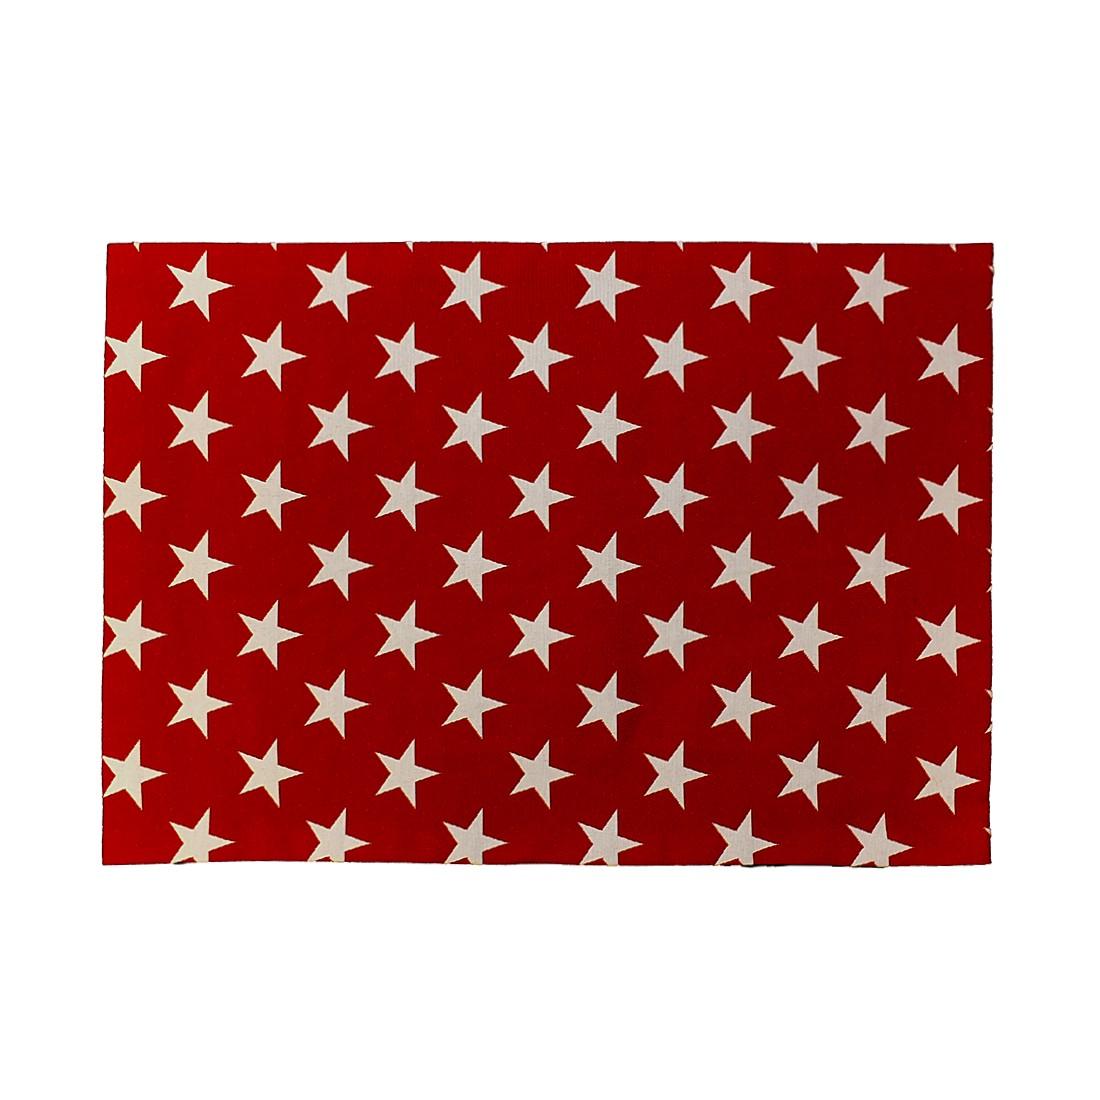 Tischset T-Star (2-er Set) – Rot, Tom Tailor günstig kaufen